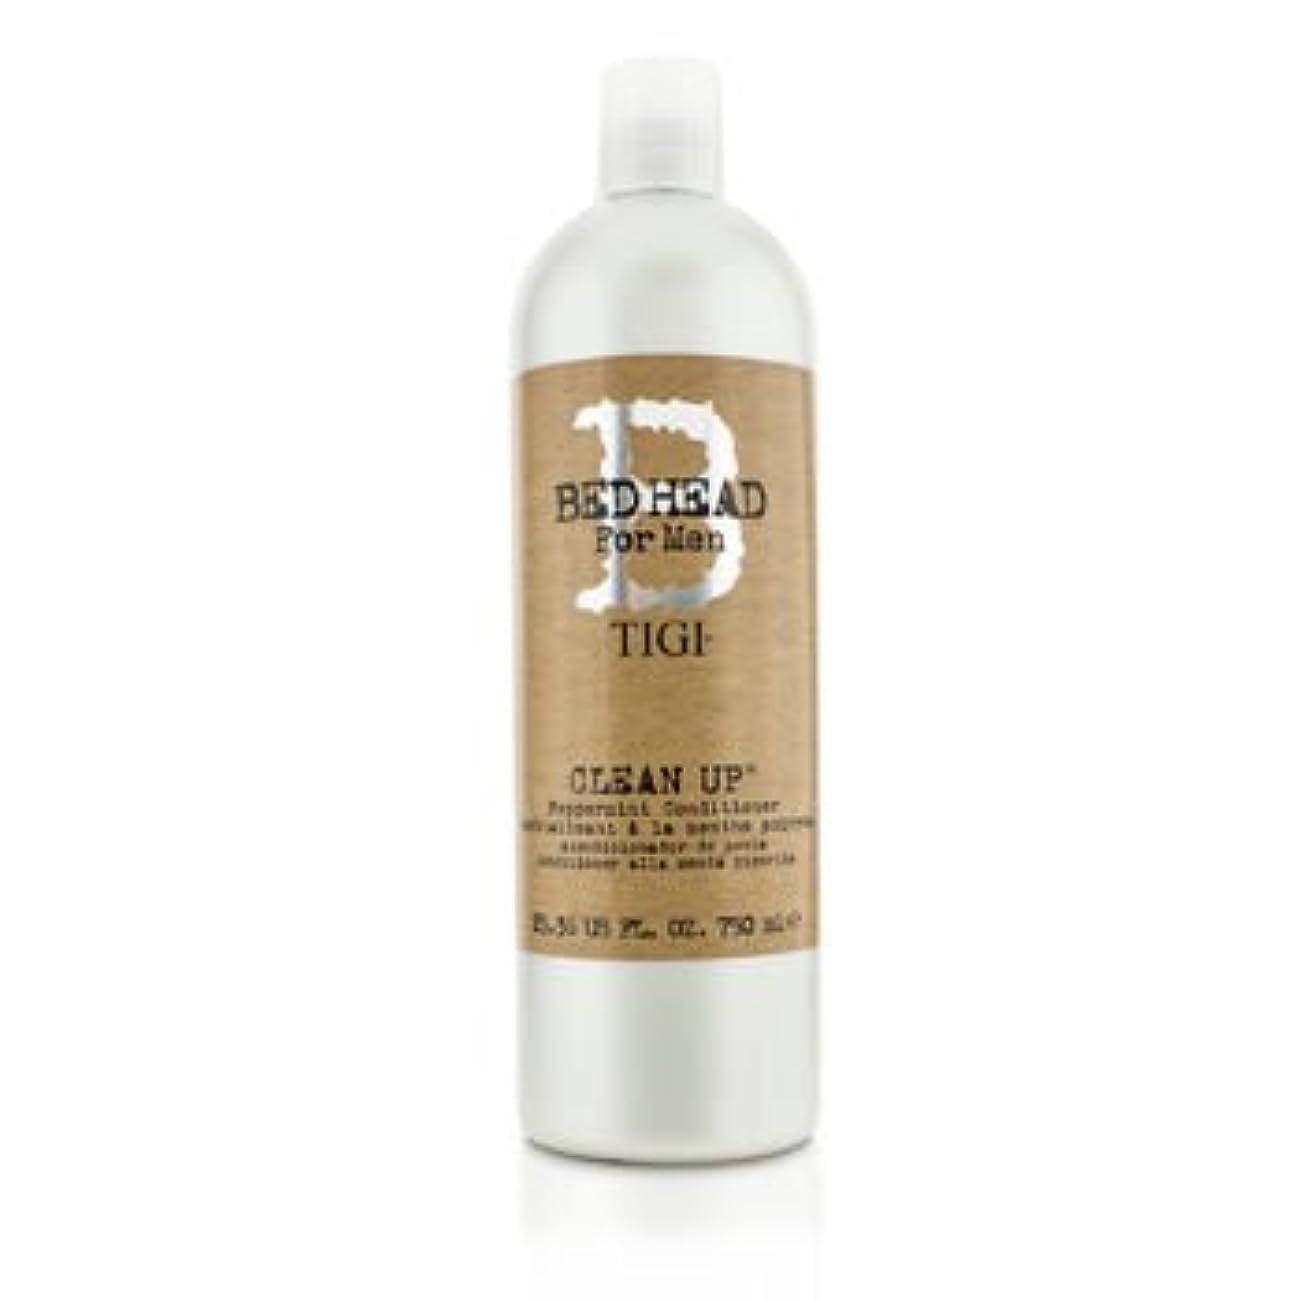 考古学者泥棒コーヒー[Tigi] Bed Head B For Men Clean Up Peppermint Conditioner 750ml/25.36oz